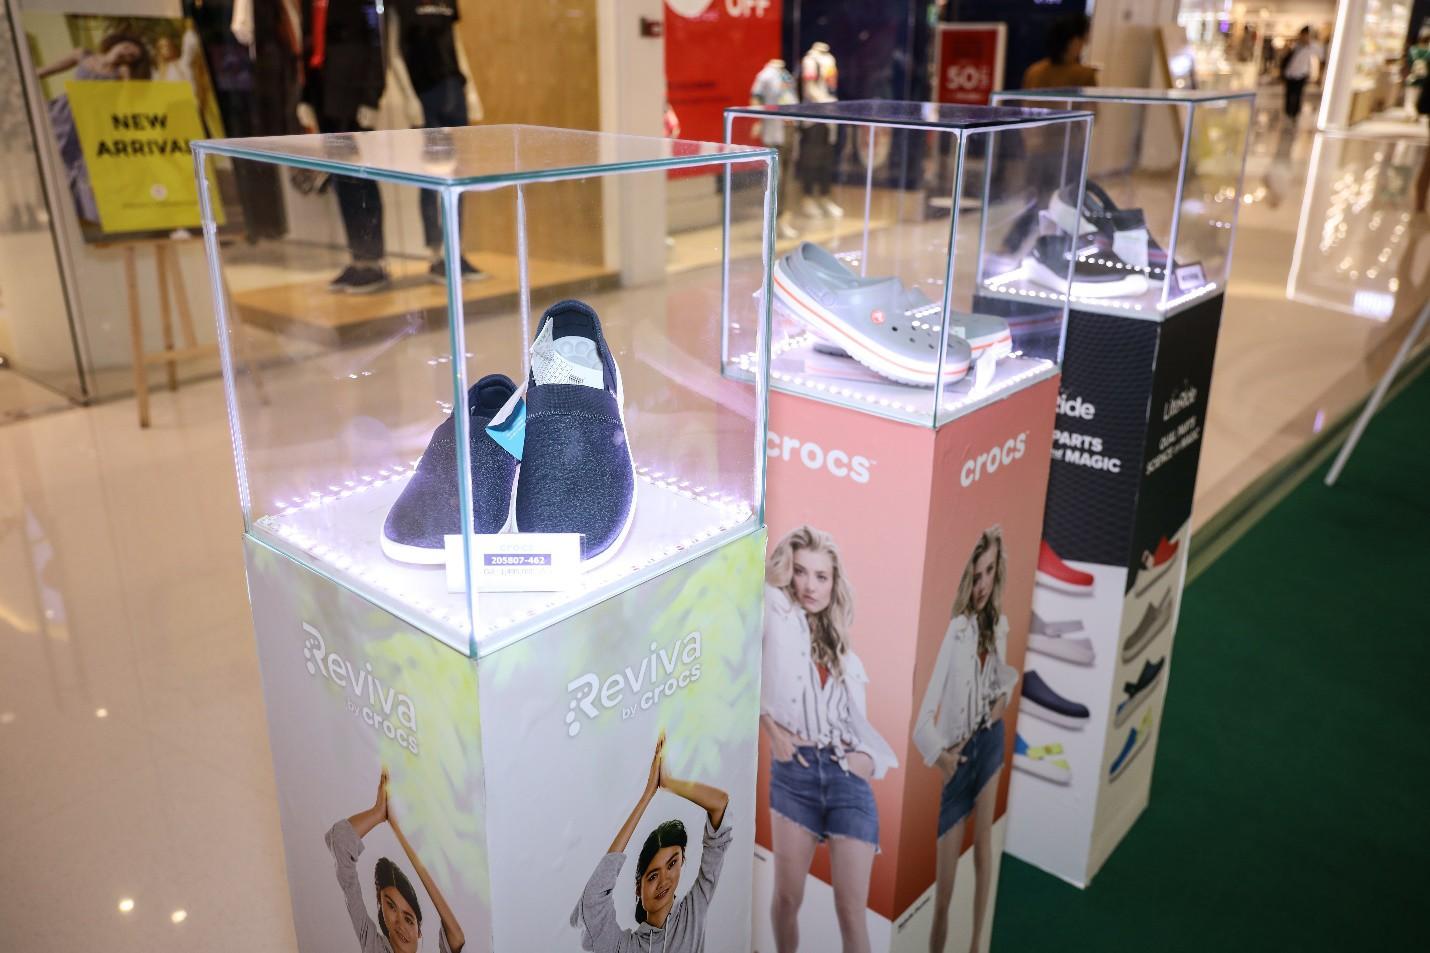 Nhung Gumiho và Ốc Thanh Vân lý giải vì sao ai cũng nên sở hữu ít nhất 1 trong 3 dòng sản phẩm mới của Crocs - Ảnh 2.